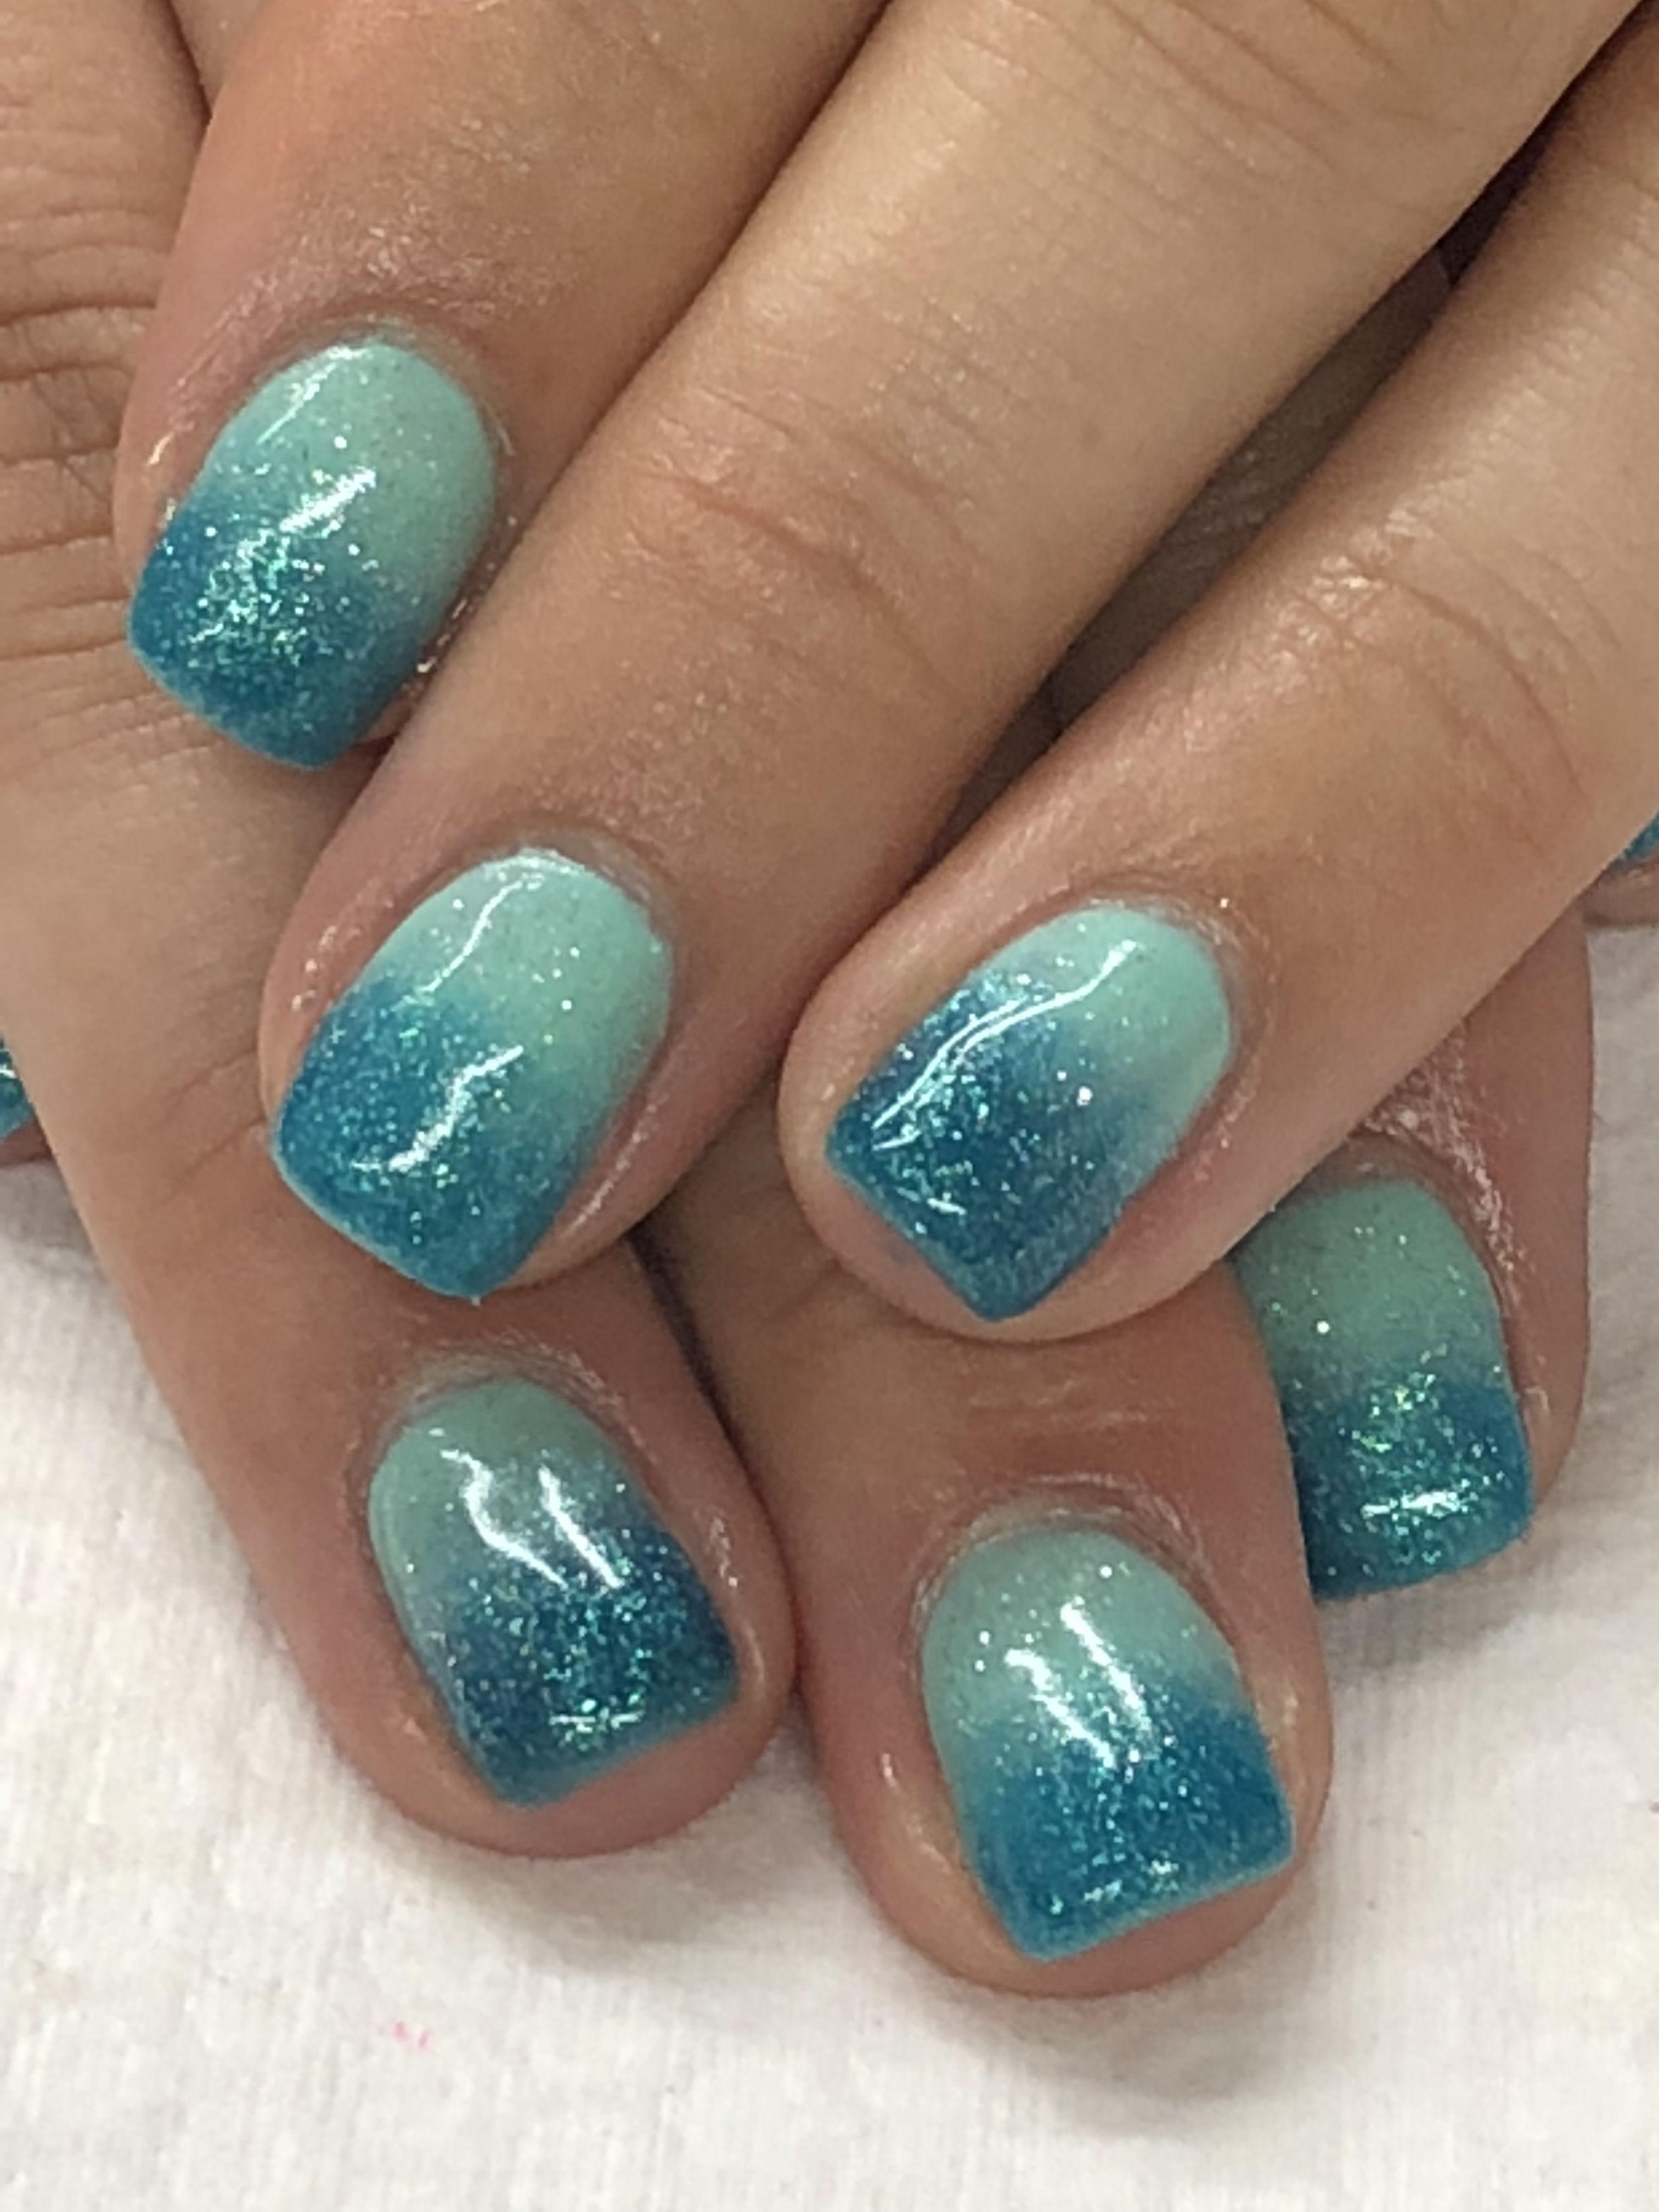 Summer Aqua Teal Ombre Gel Nails Ombre Gel Nails Glitter Gel Nails Ombre Nails Glitter